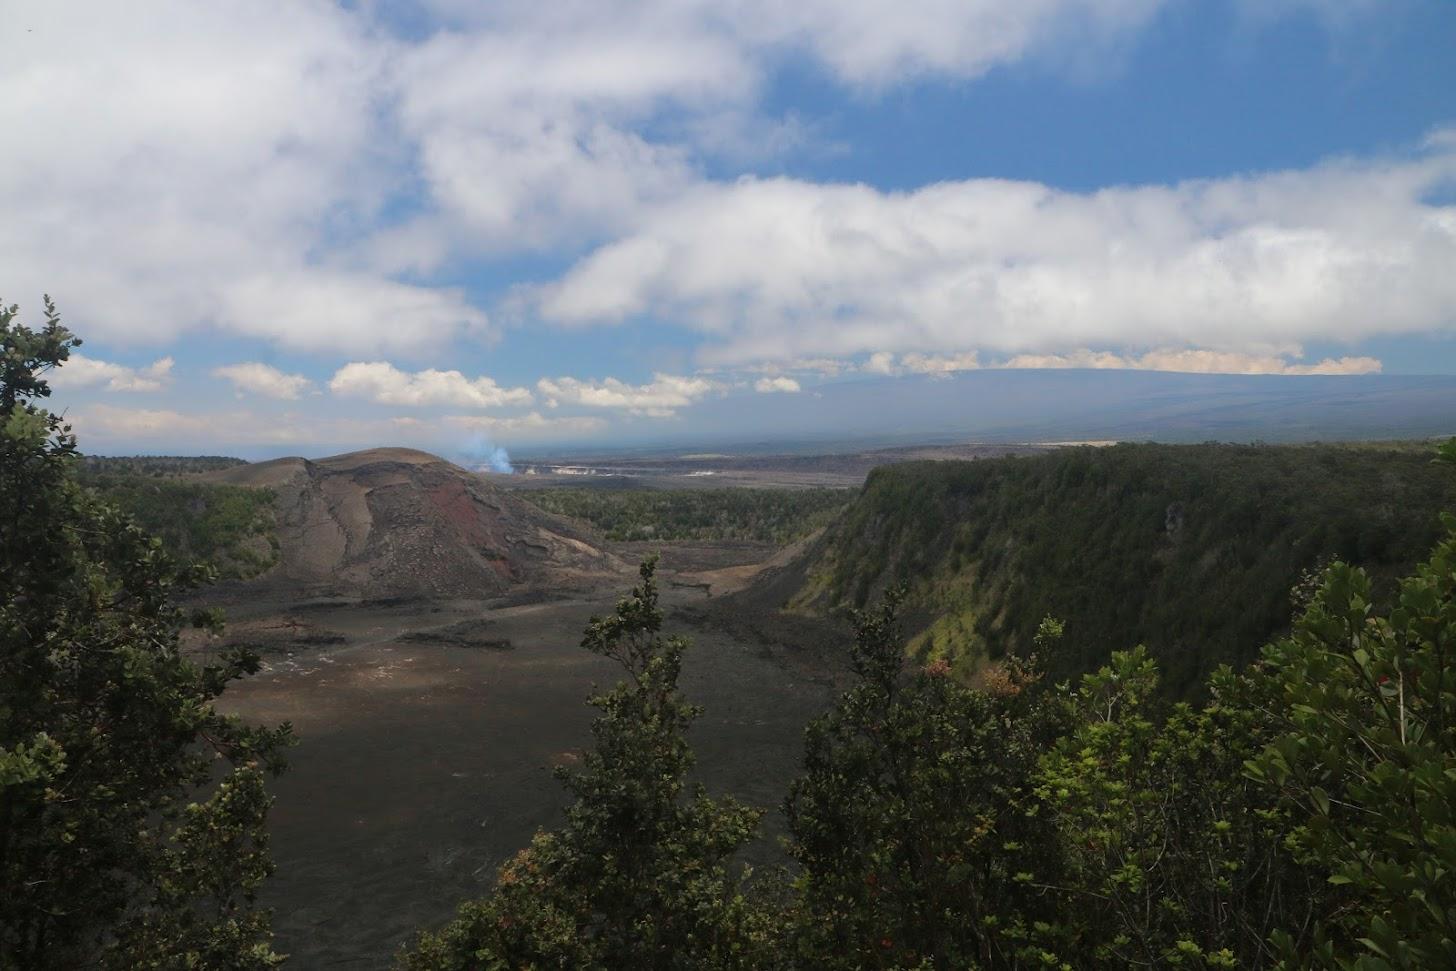 Le cratère du Kilauea